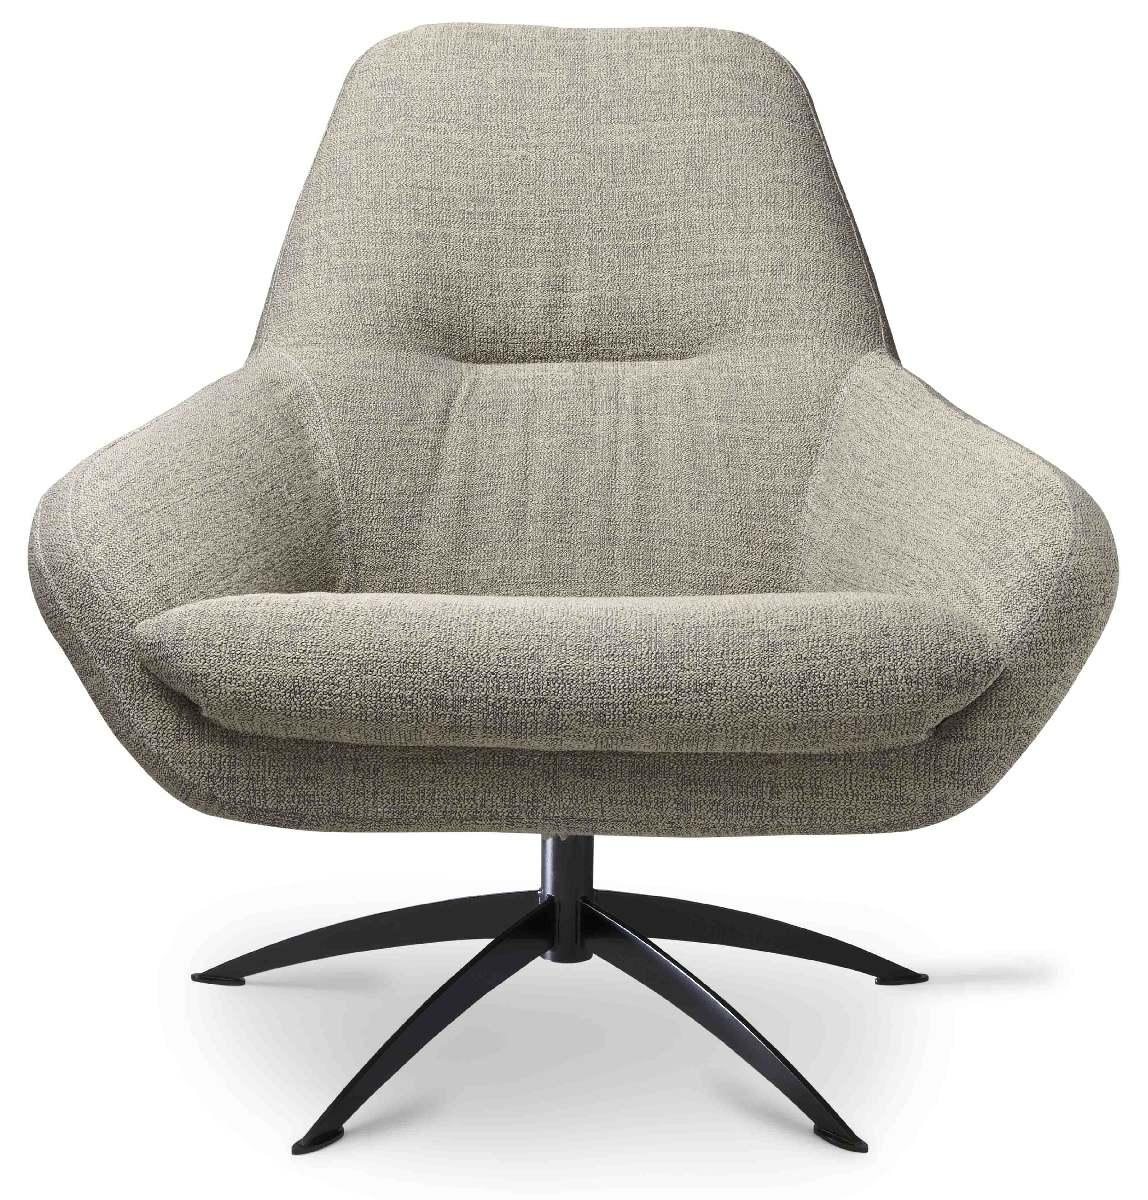 specter-fauteuil-voor-stof-syl